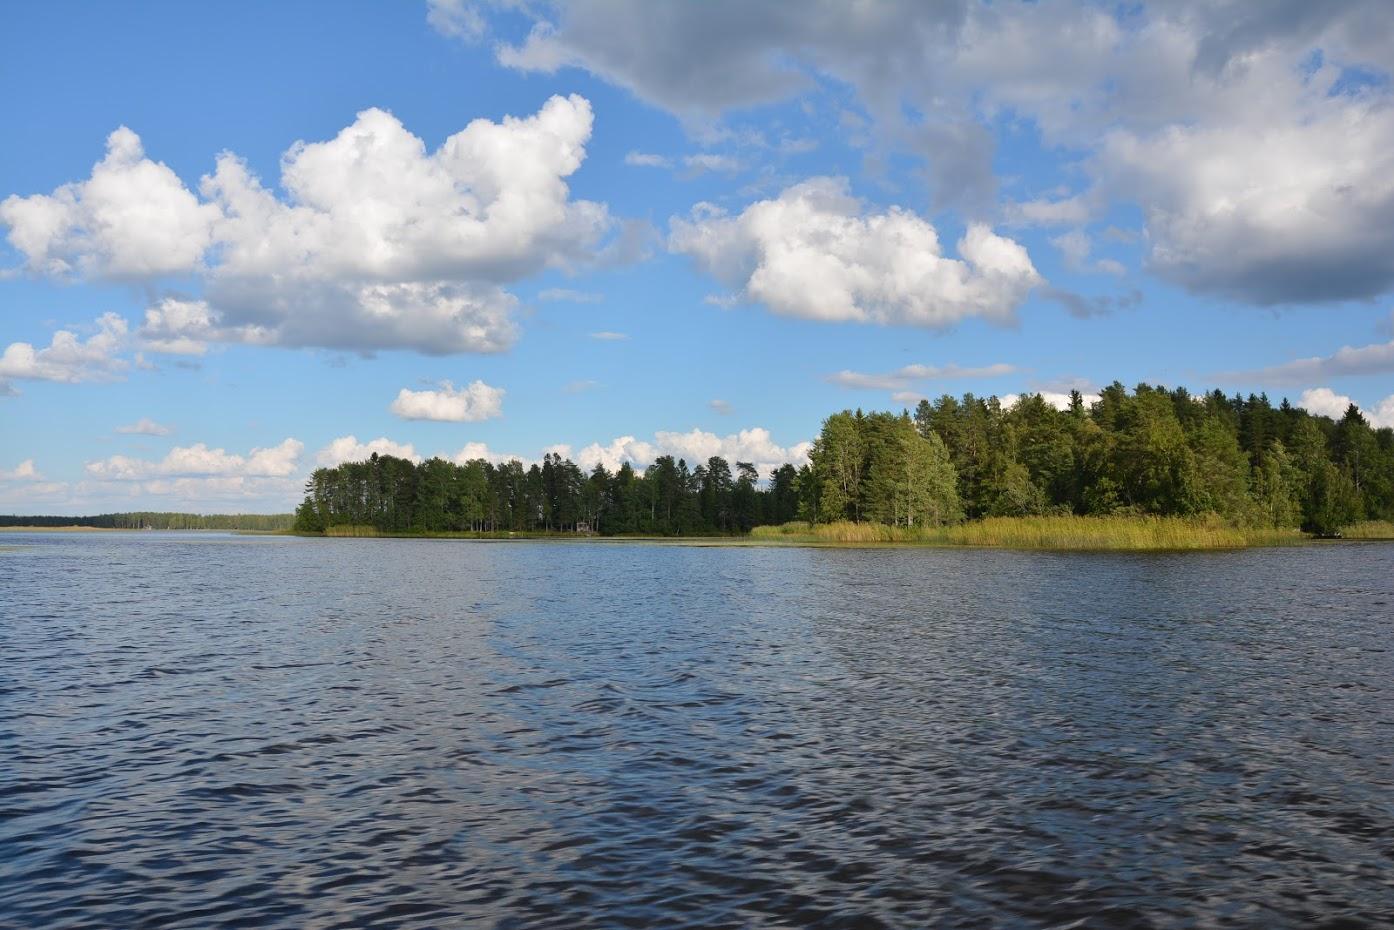 Saarimökki - Obrázek č. 77